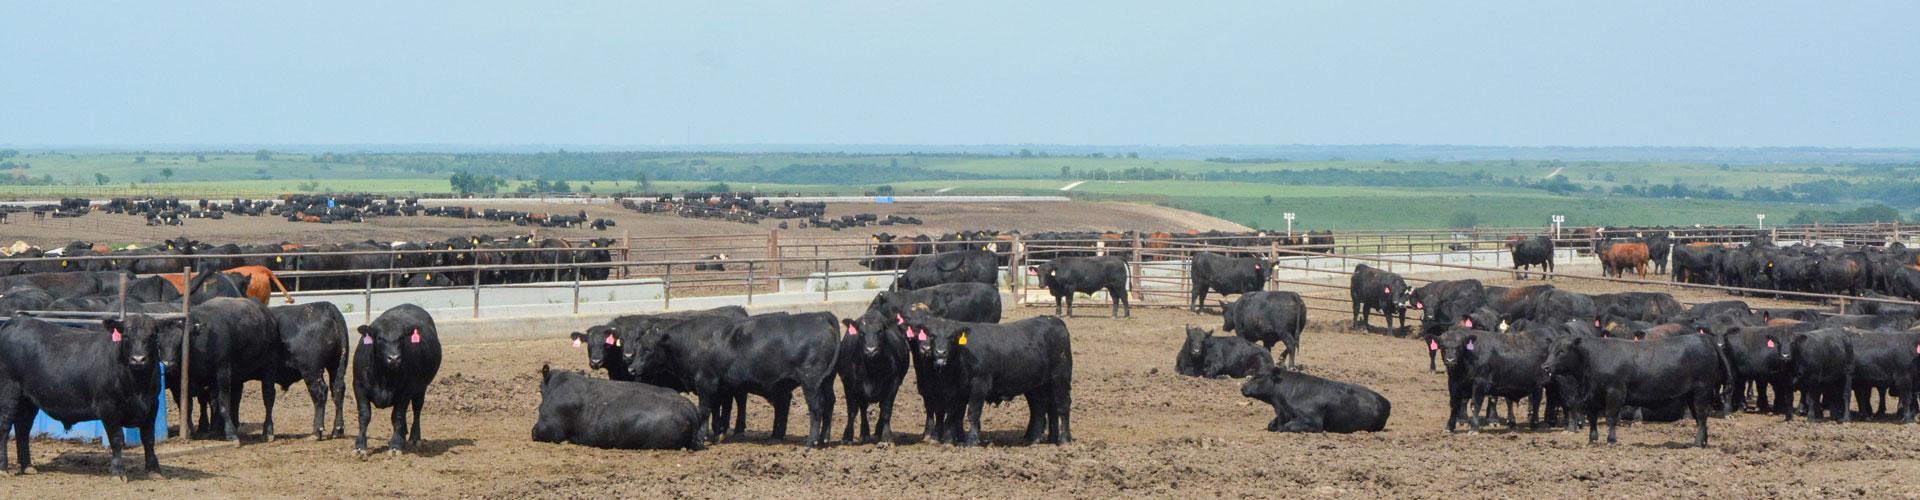 Kansas feedyard